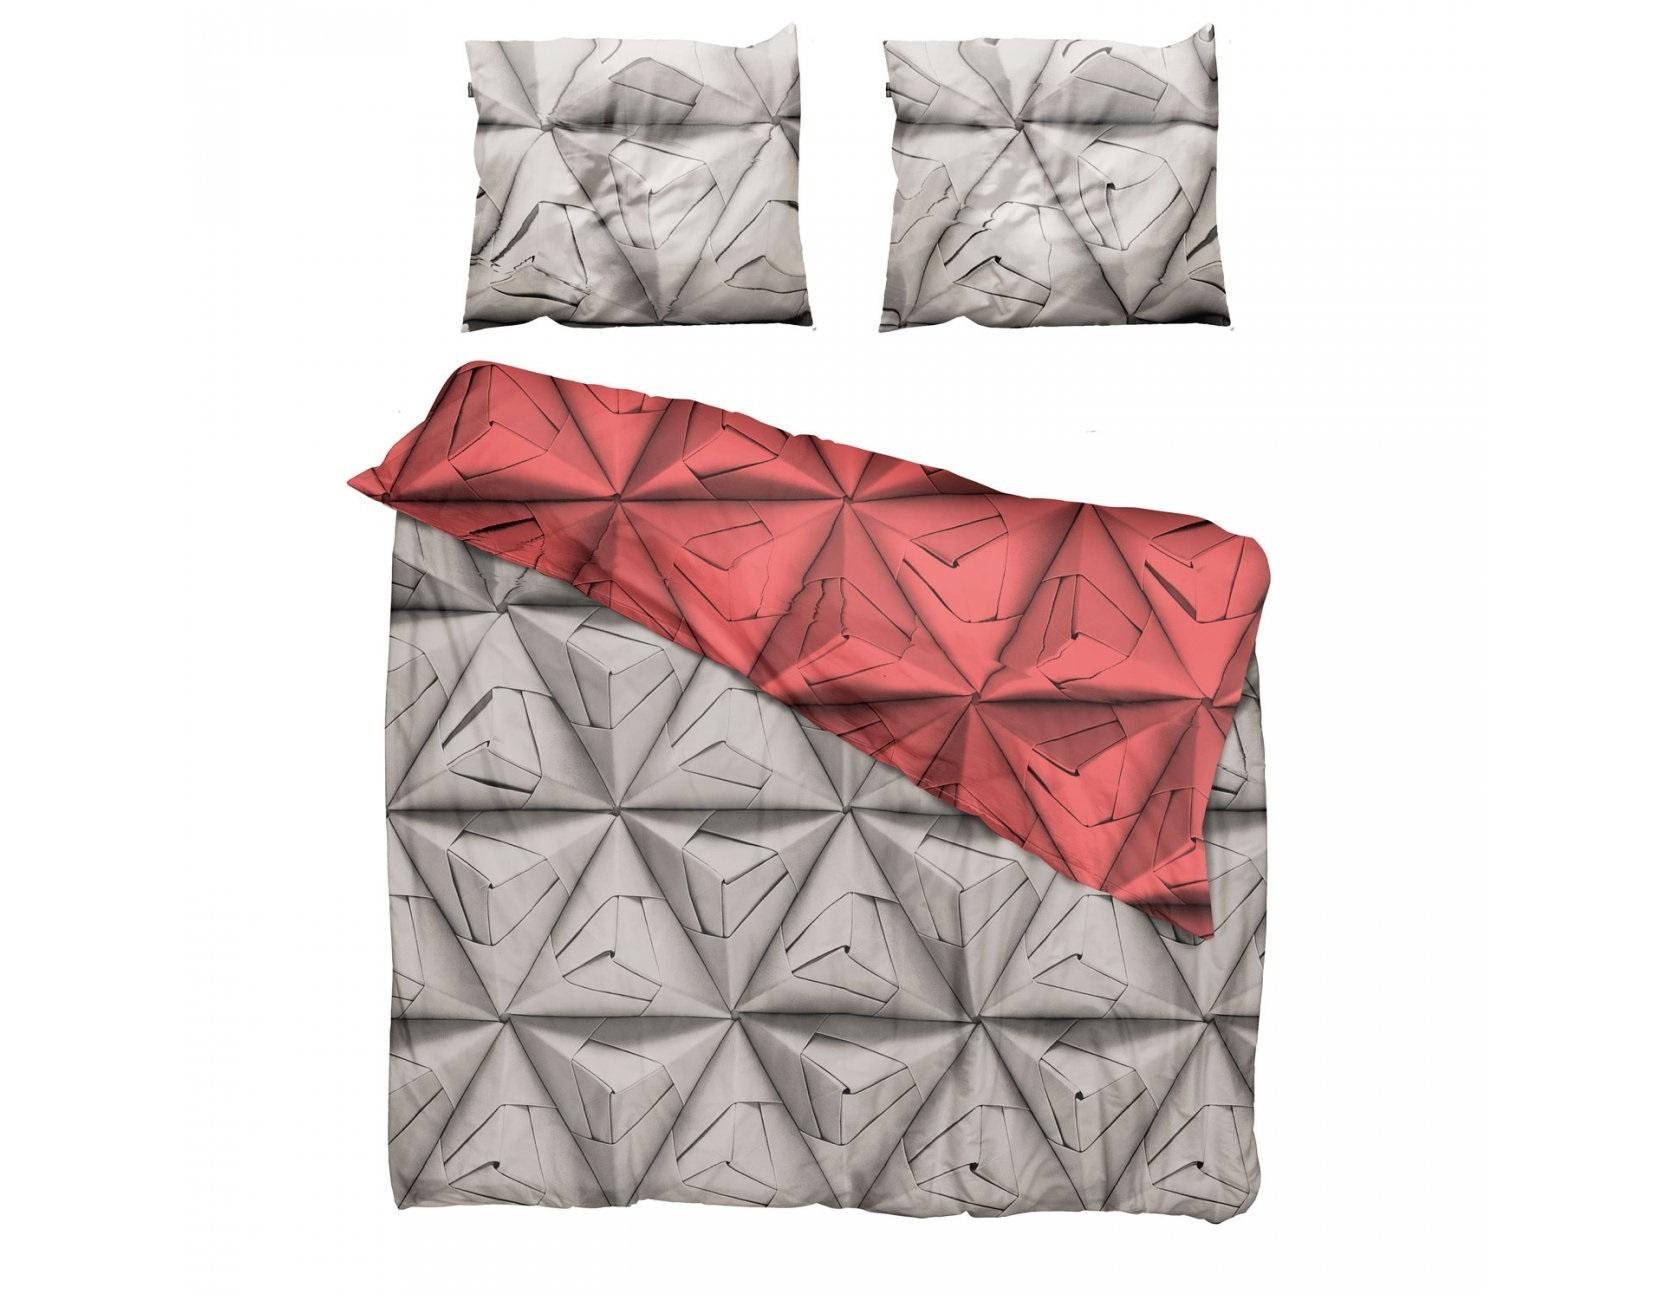 Комплект постельного белья Оригами красныйДвуспальные комплекты постельного белья<br>Мы обновили наш известный принт Geogami. Раньше он был пестрым, а теперь в нем сочетаются два контрастных цвета. На одной стороне-нейтральный серый цвет, а на другой-остромодный! Комплект существует в горчичном, васильковом и коралловом оттенках.&amp;amp;nbsp;&amp;lt;div&amp;gt;&amp;lt;br&amp;gt;&amp;lt;/div&amp;gt;&amp;lt;div&amp;gt;Материал: 100% хлопок ПЕРКАЛЬ (плотность ткани 214г/м2).&amp;amp;nbsp;&amp;lt;/div&amp;gt;&amp;lt;div&amp;gt;В комплект входит: пододеяльник 200х220см - 1 шт, наволочка 50х70см - 2 шт.&amp;lt;/div&amp;gt;<br><br>Material: Хлопок<br>Length см: 220<br>Width см: 200